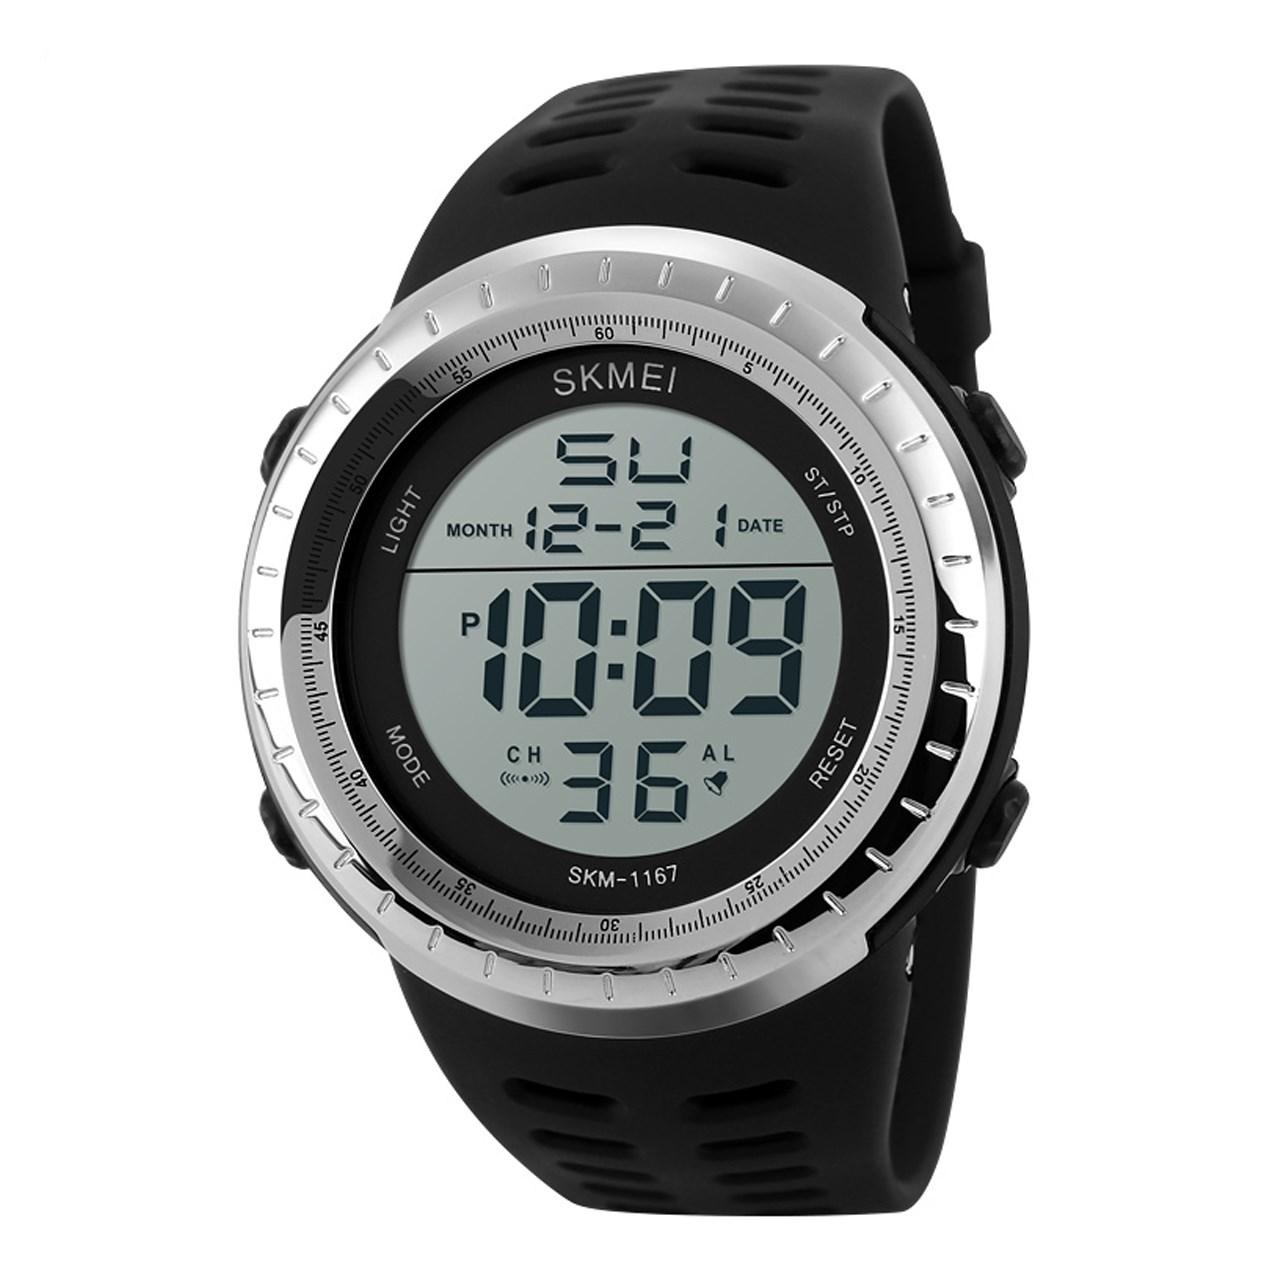 ساعت مچی دیجیتالی مردانه اسکمی مدل 1167 55